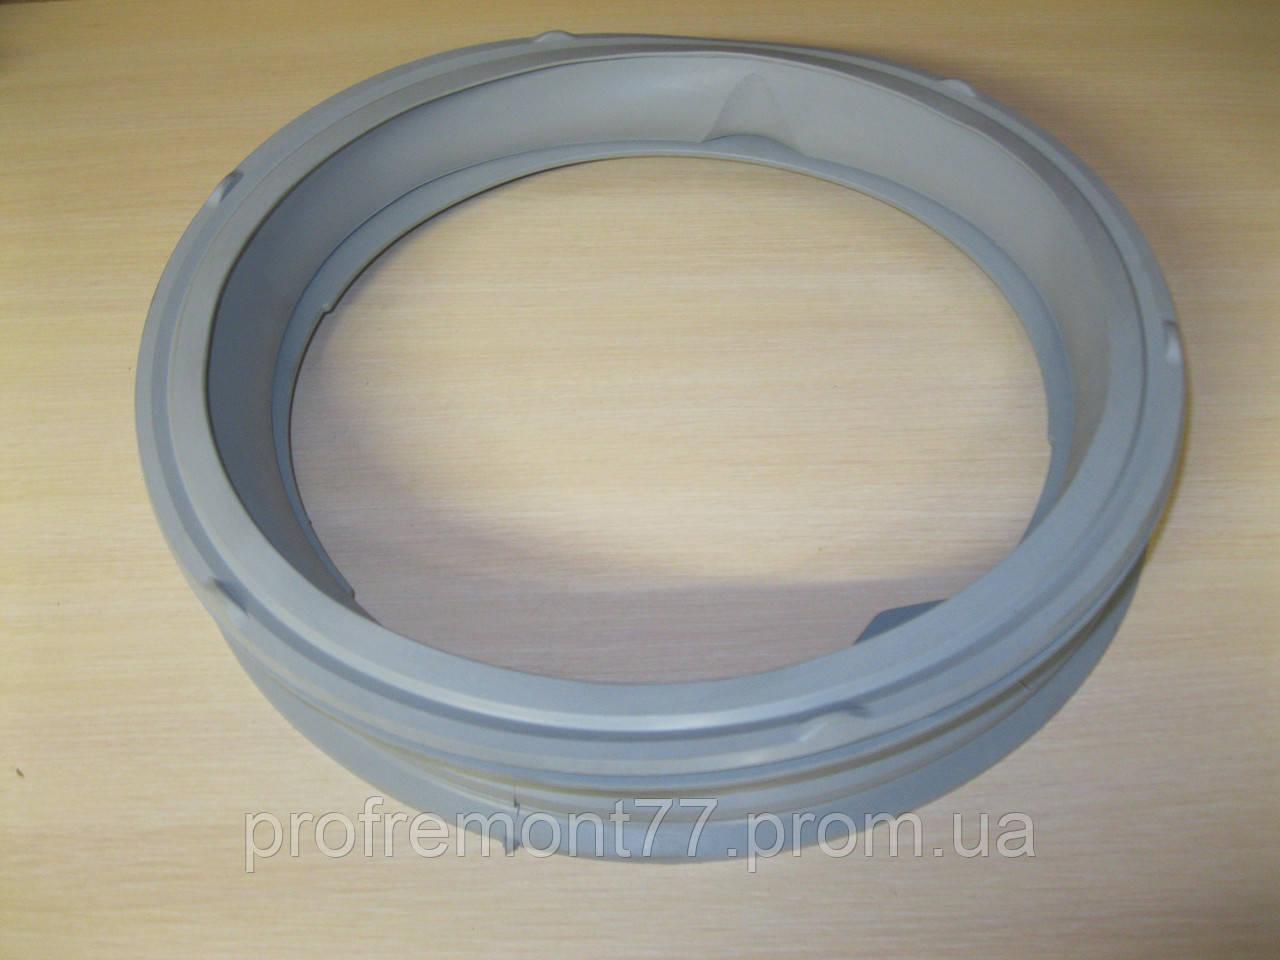 Резина люка LG MDS41955002 orig. для стиральной машины